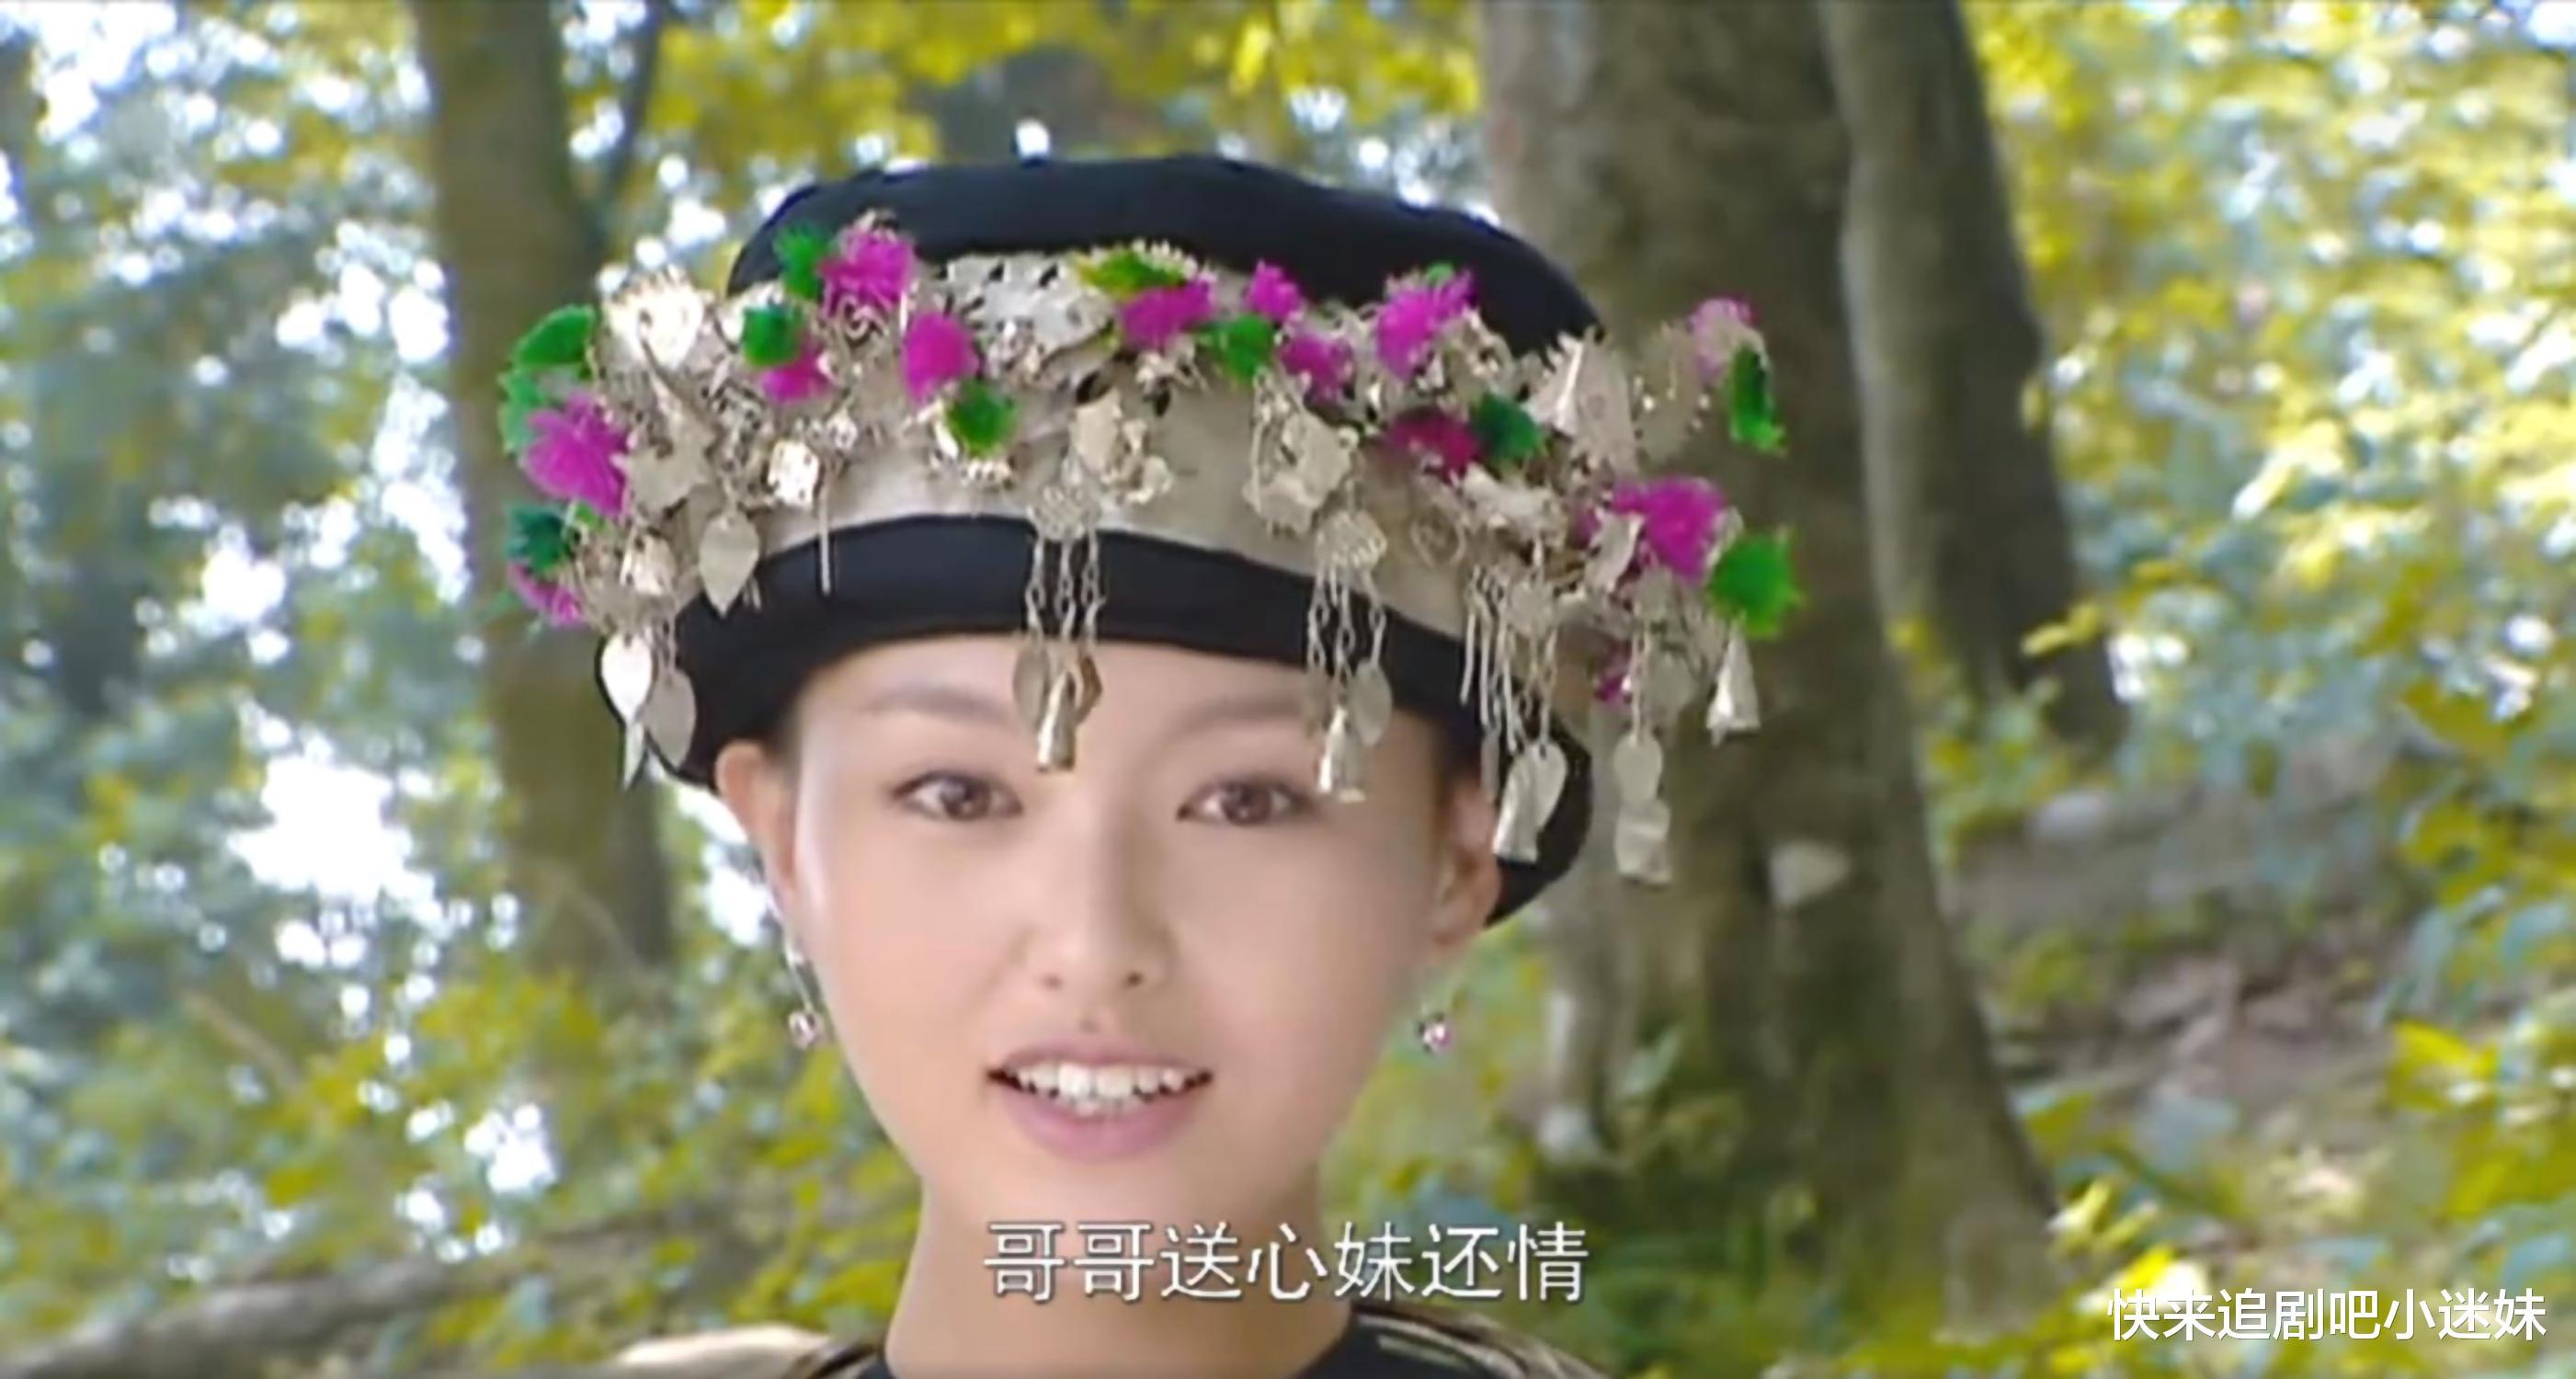 唐嫣新劇被壓15年造型土氣, 卻被男主顏值驚艷, 秋瓷炫好眼光-圖6